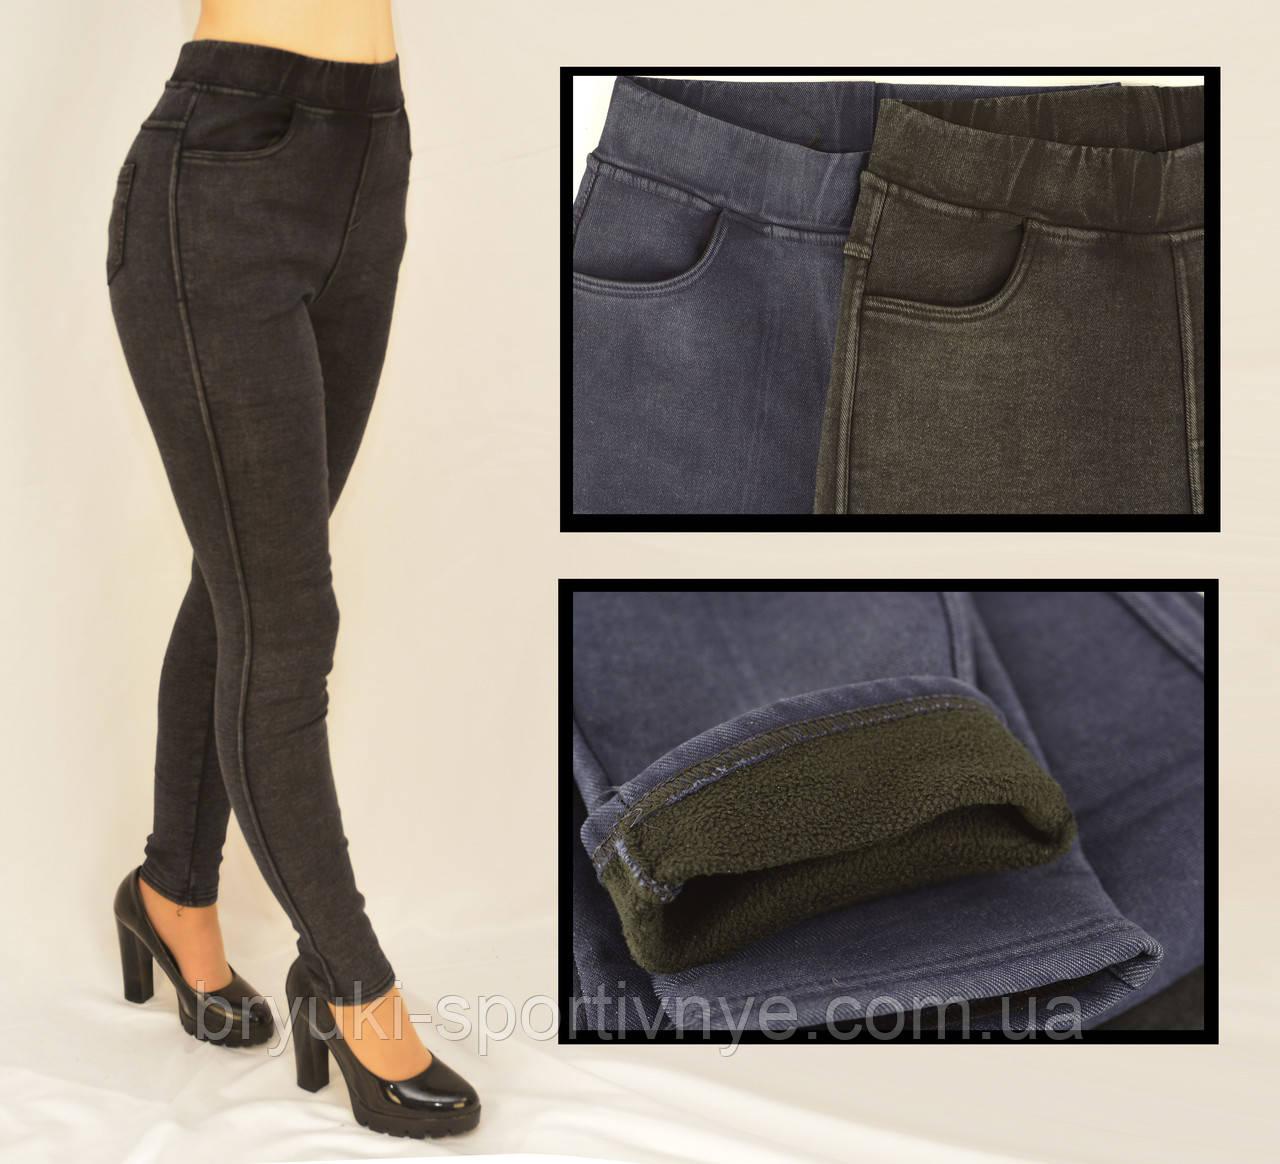 Женские джинсы на меху M - XL Джеггинсы зимние утепленные Ao longcom Черный